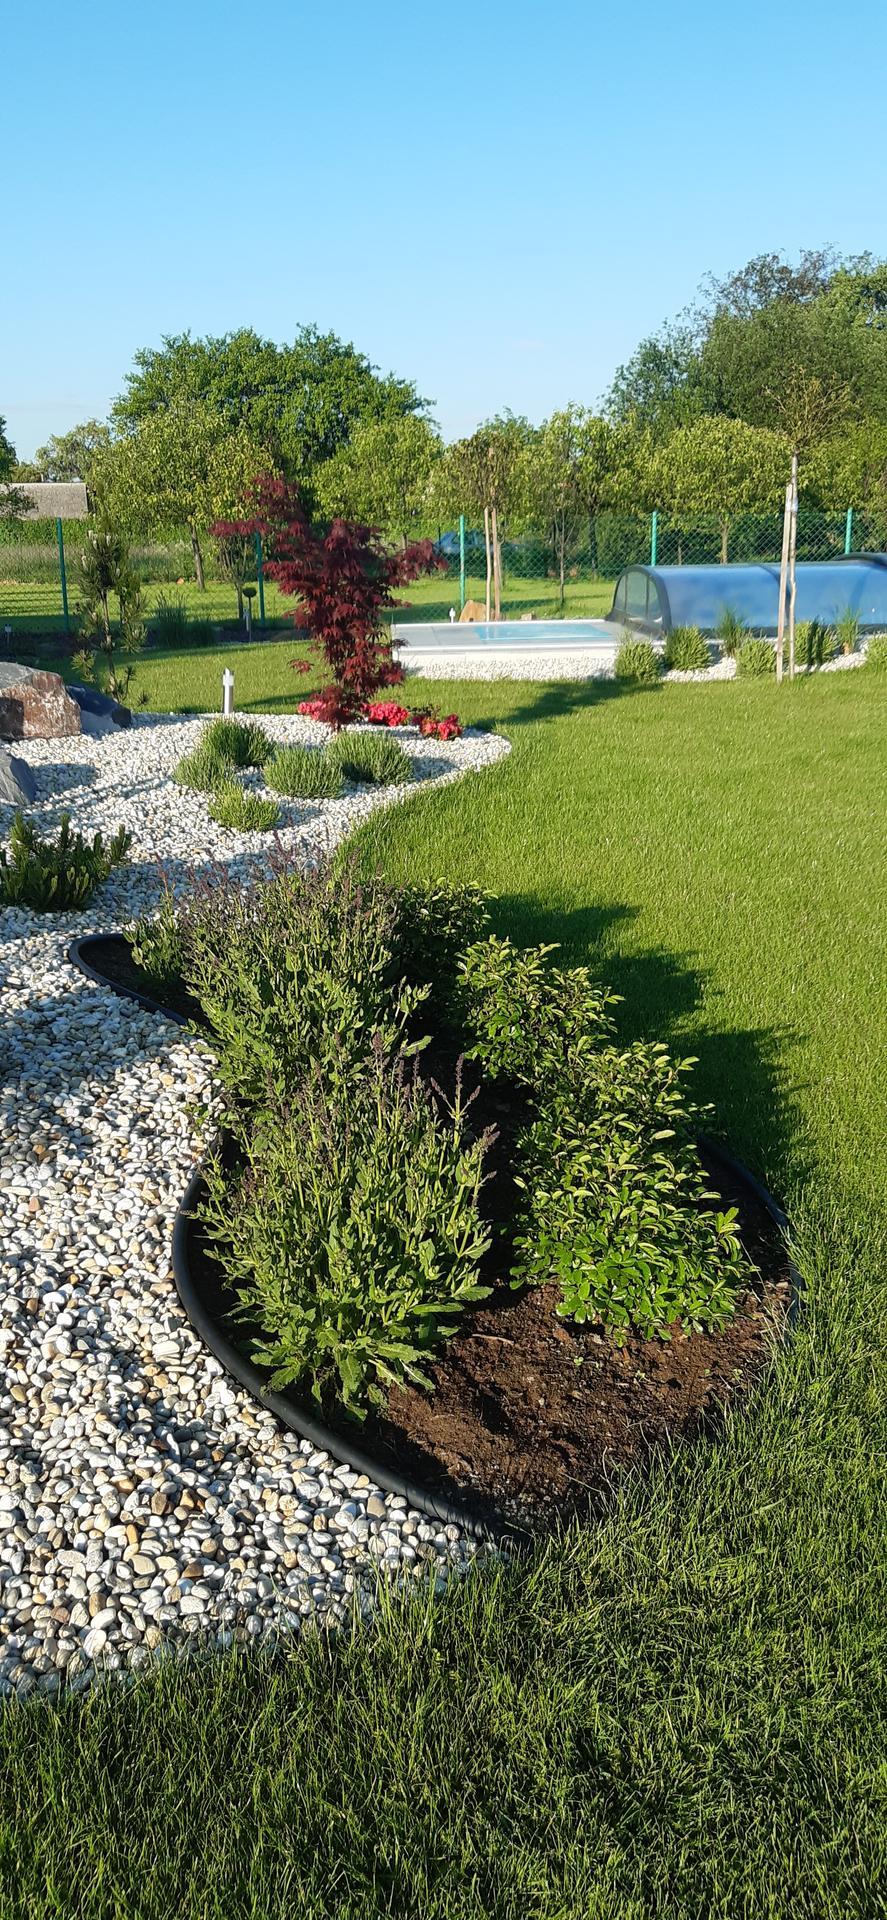 Zahrada 2021 - Konečně snad bude slunečný den ...